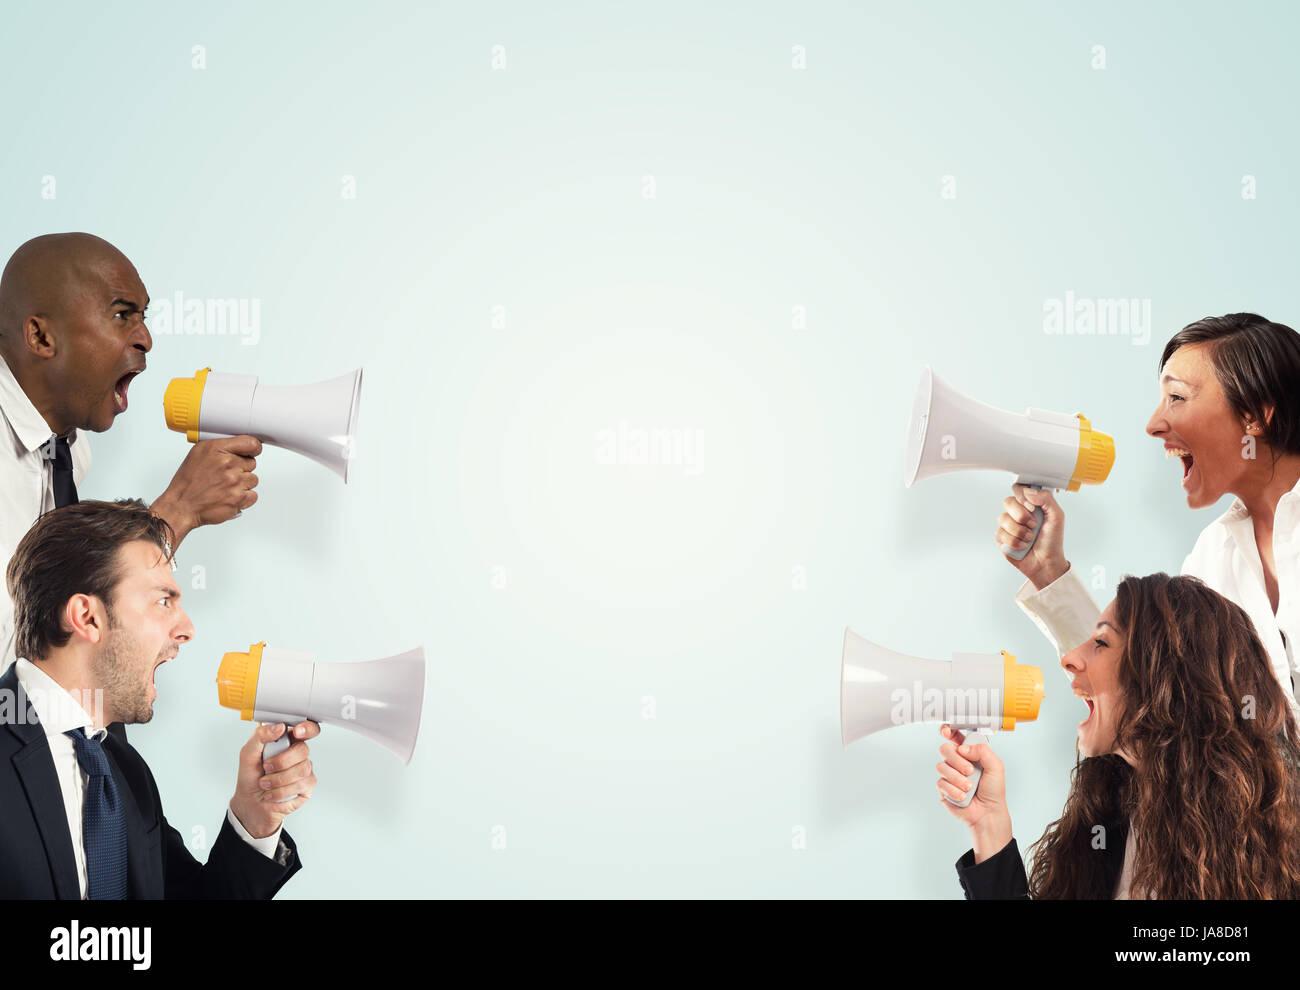 Concepto de estrés con gritos de hombres y mujeres empresarios. Imagen De Stock